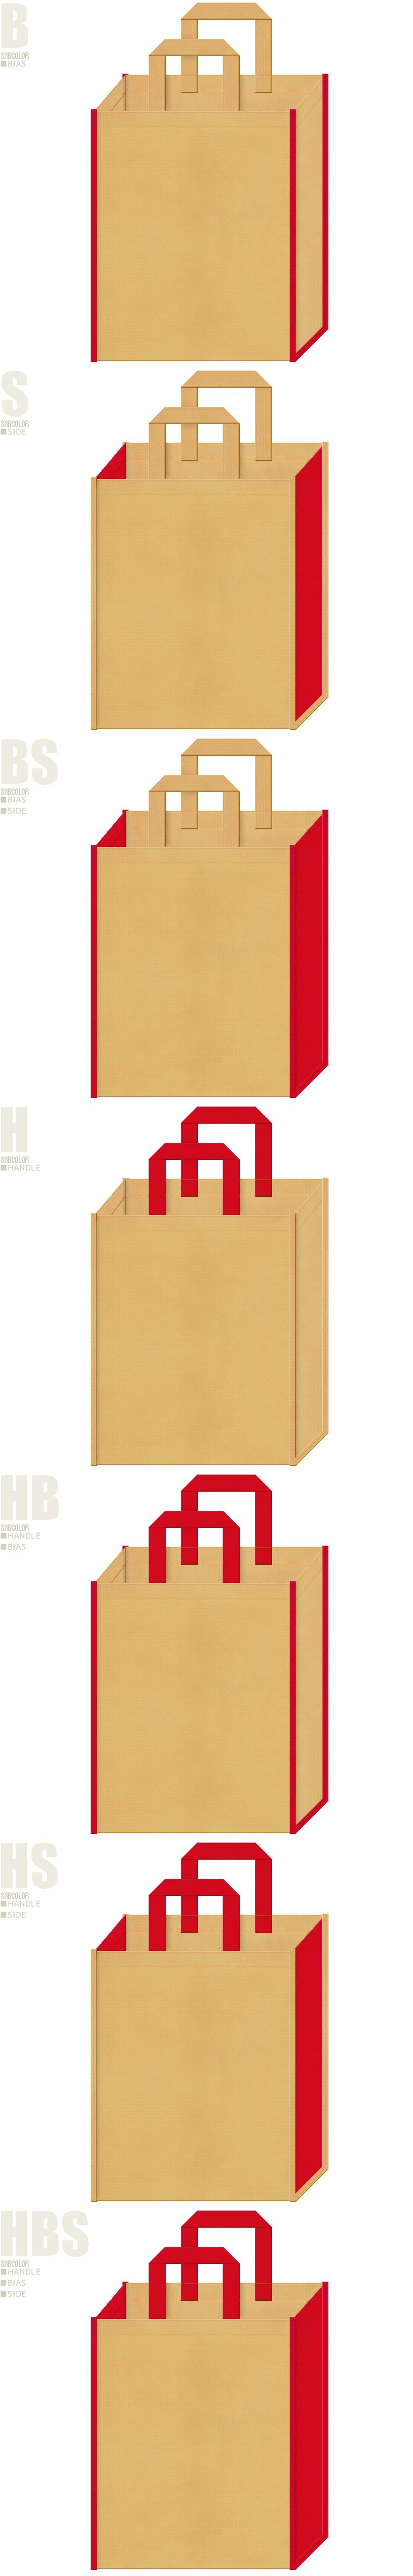 赤鬼・節分・大豆・一合枡・野点傘・茶会・御輿・お祭り・和風催事にお奨めの不織布バッグデザイン:薄黄土色と紅色の配色7パターン